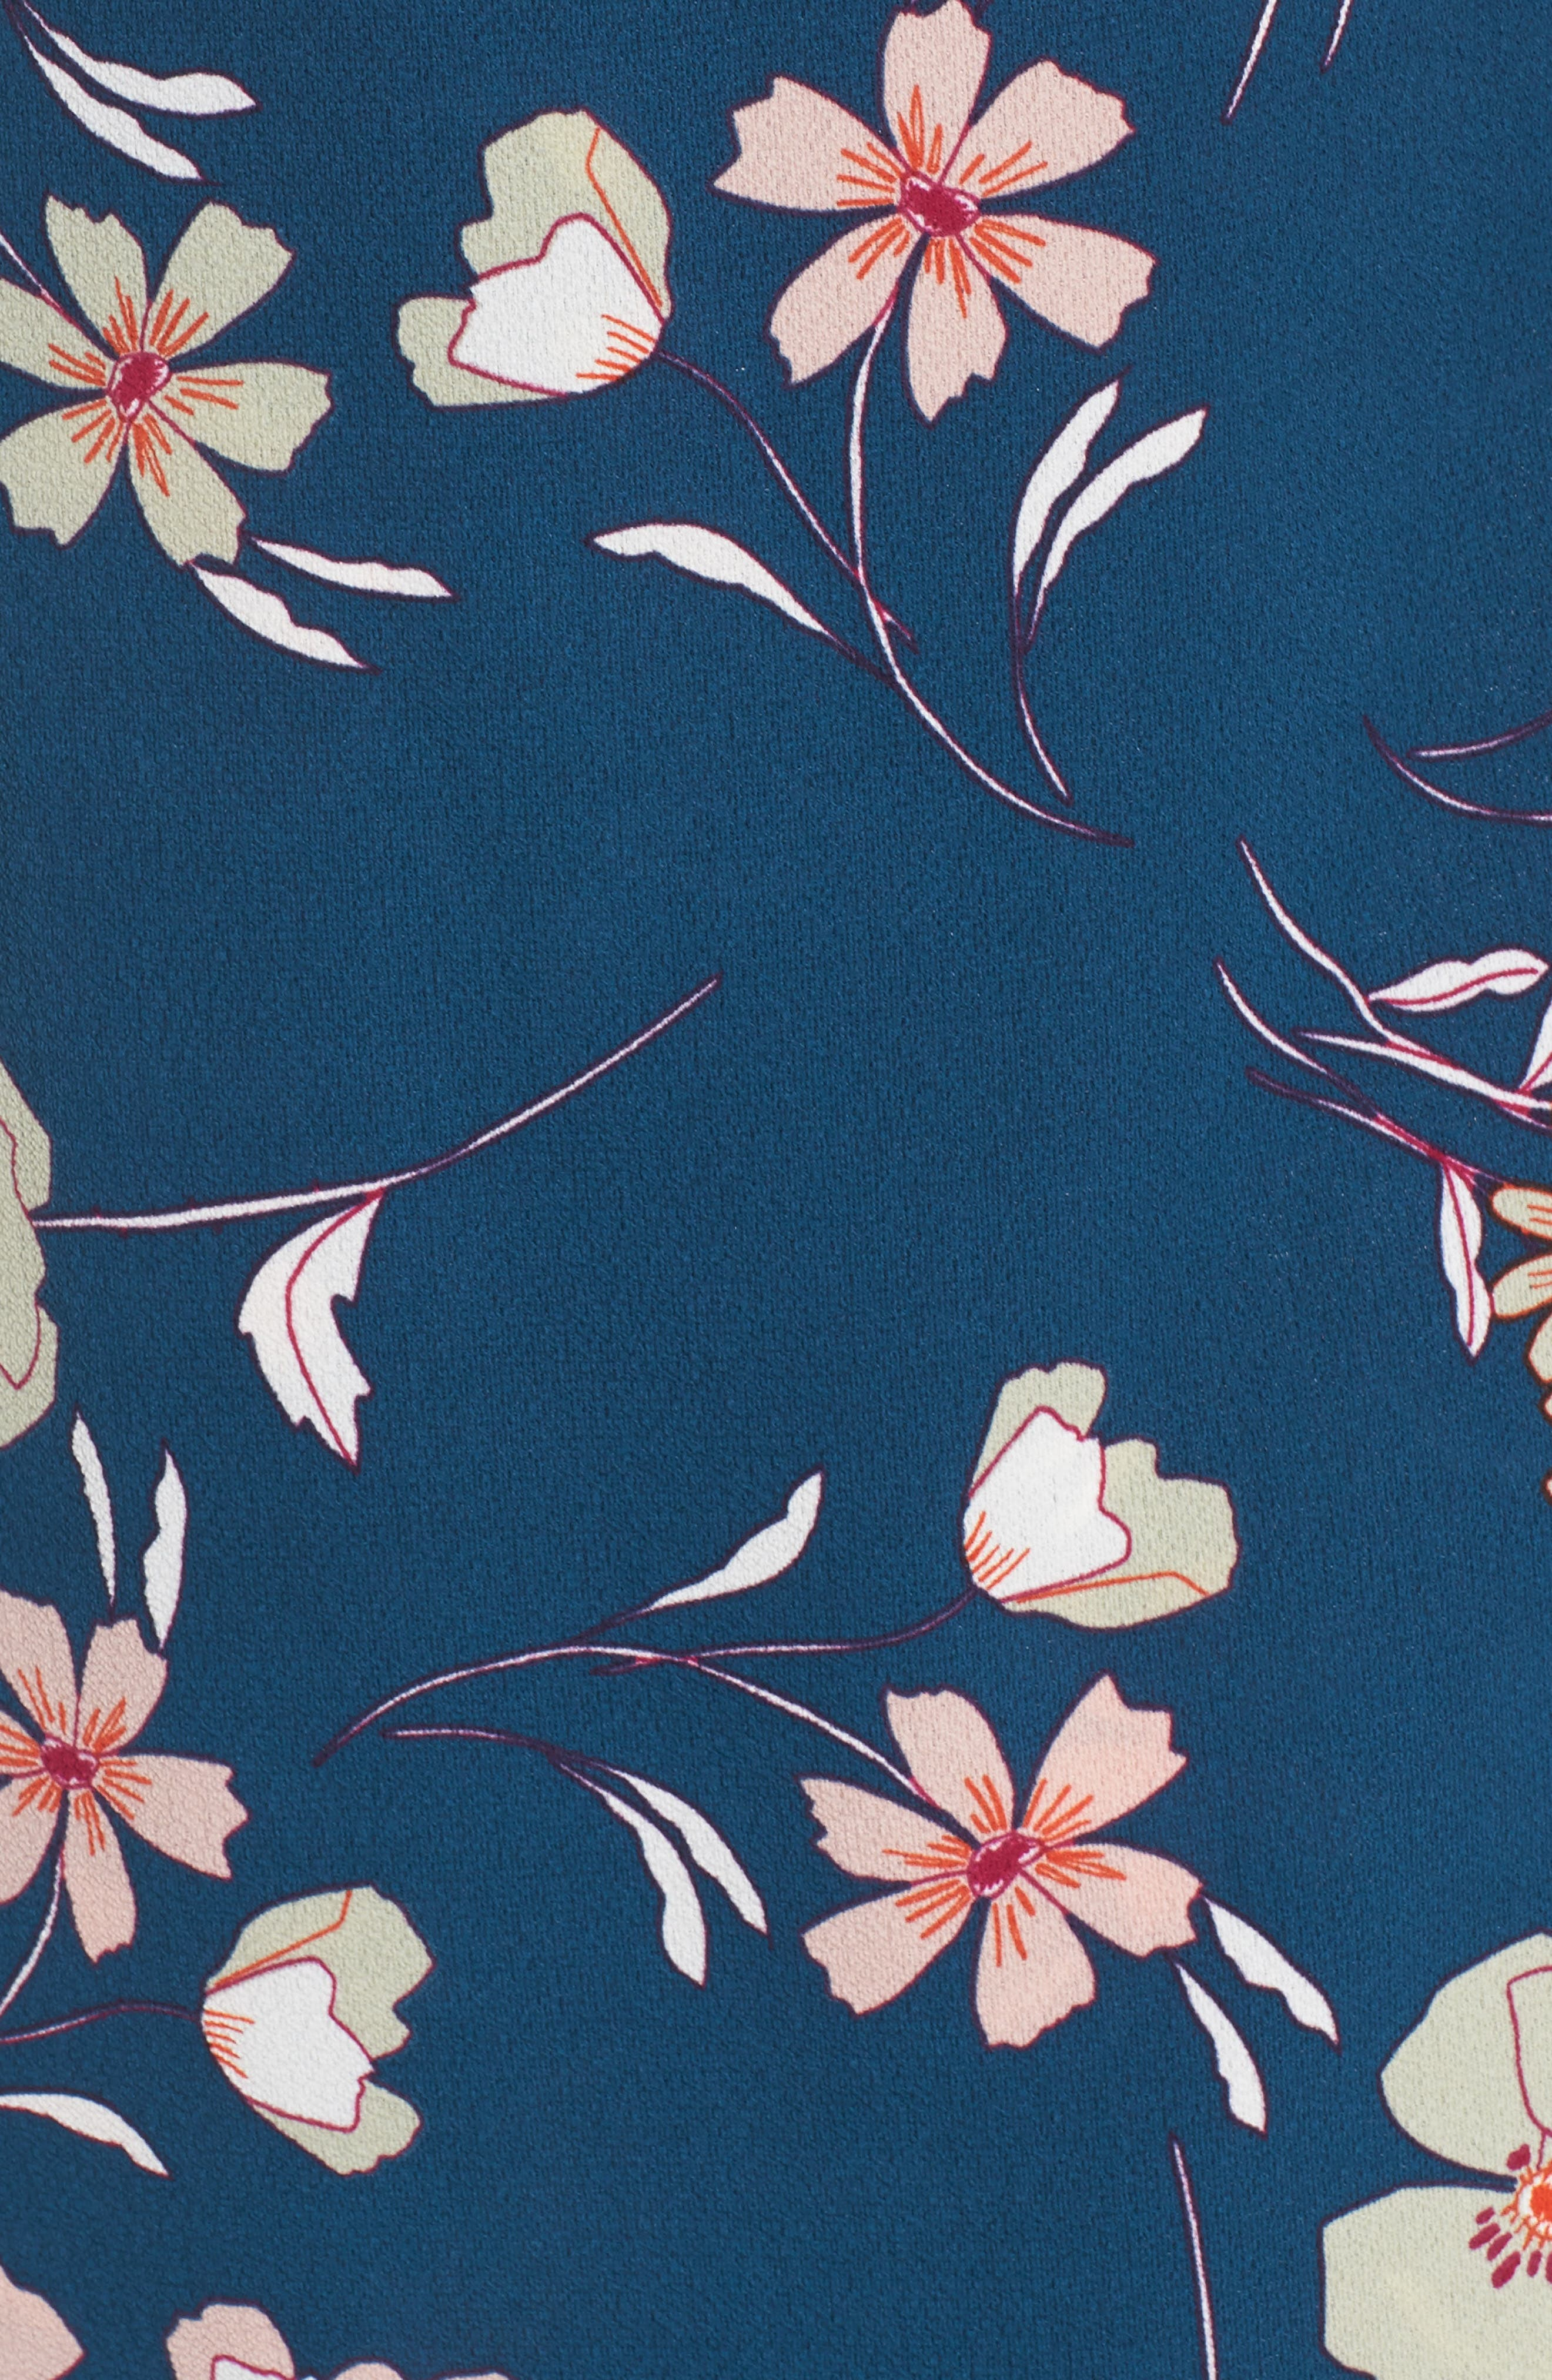 Lulu Floral Wrap Dress,                             Alternate thumbnail 5, color,                             656